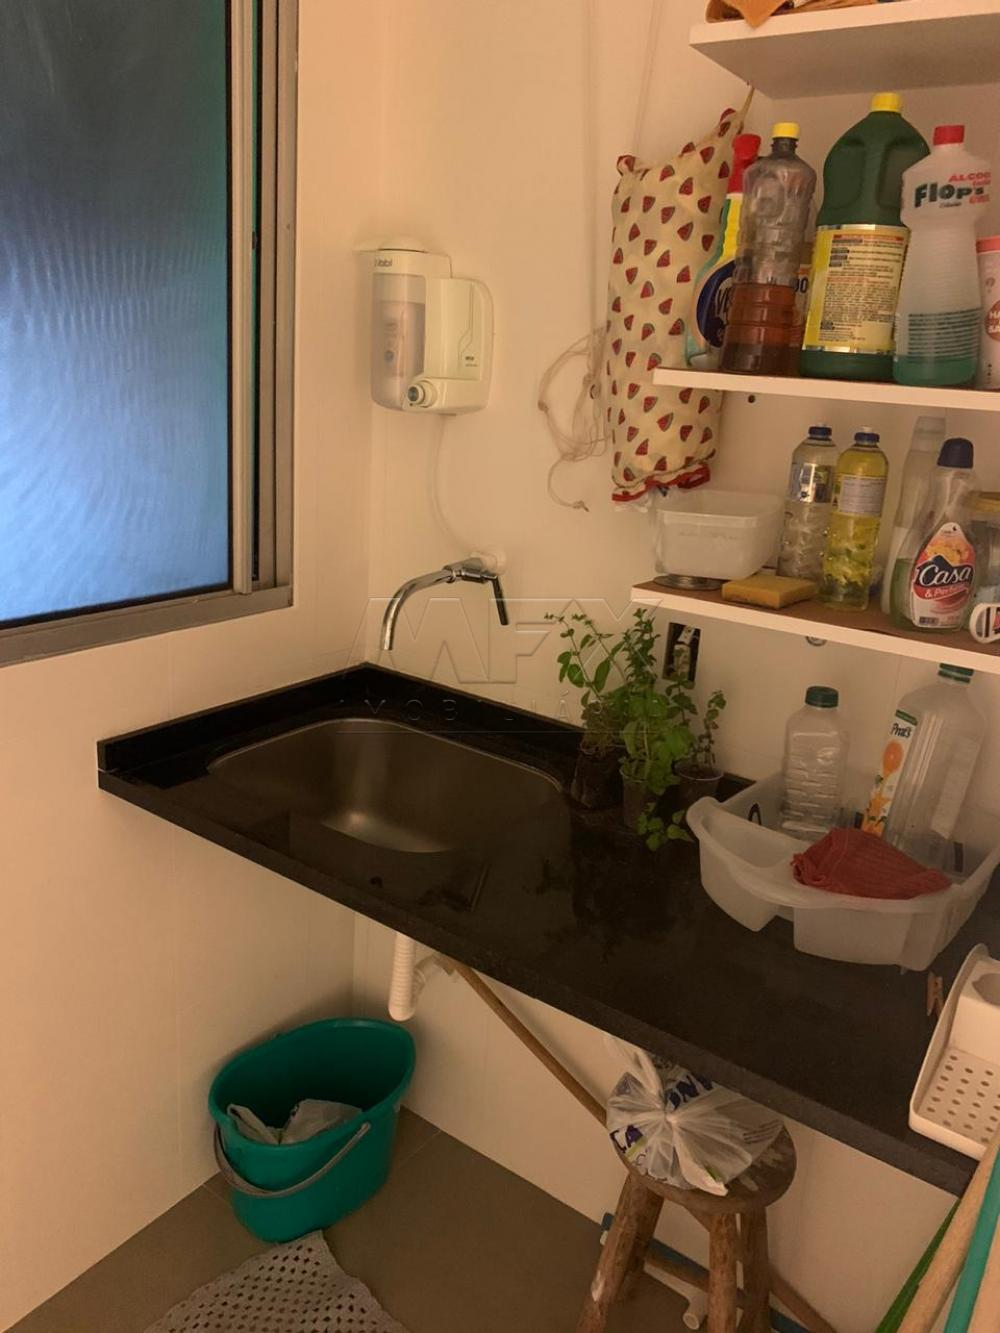 Comprar Apartamento / Padrão em Bauru apenas R$ 155.000,00 - Foto 9